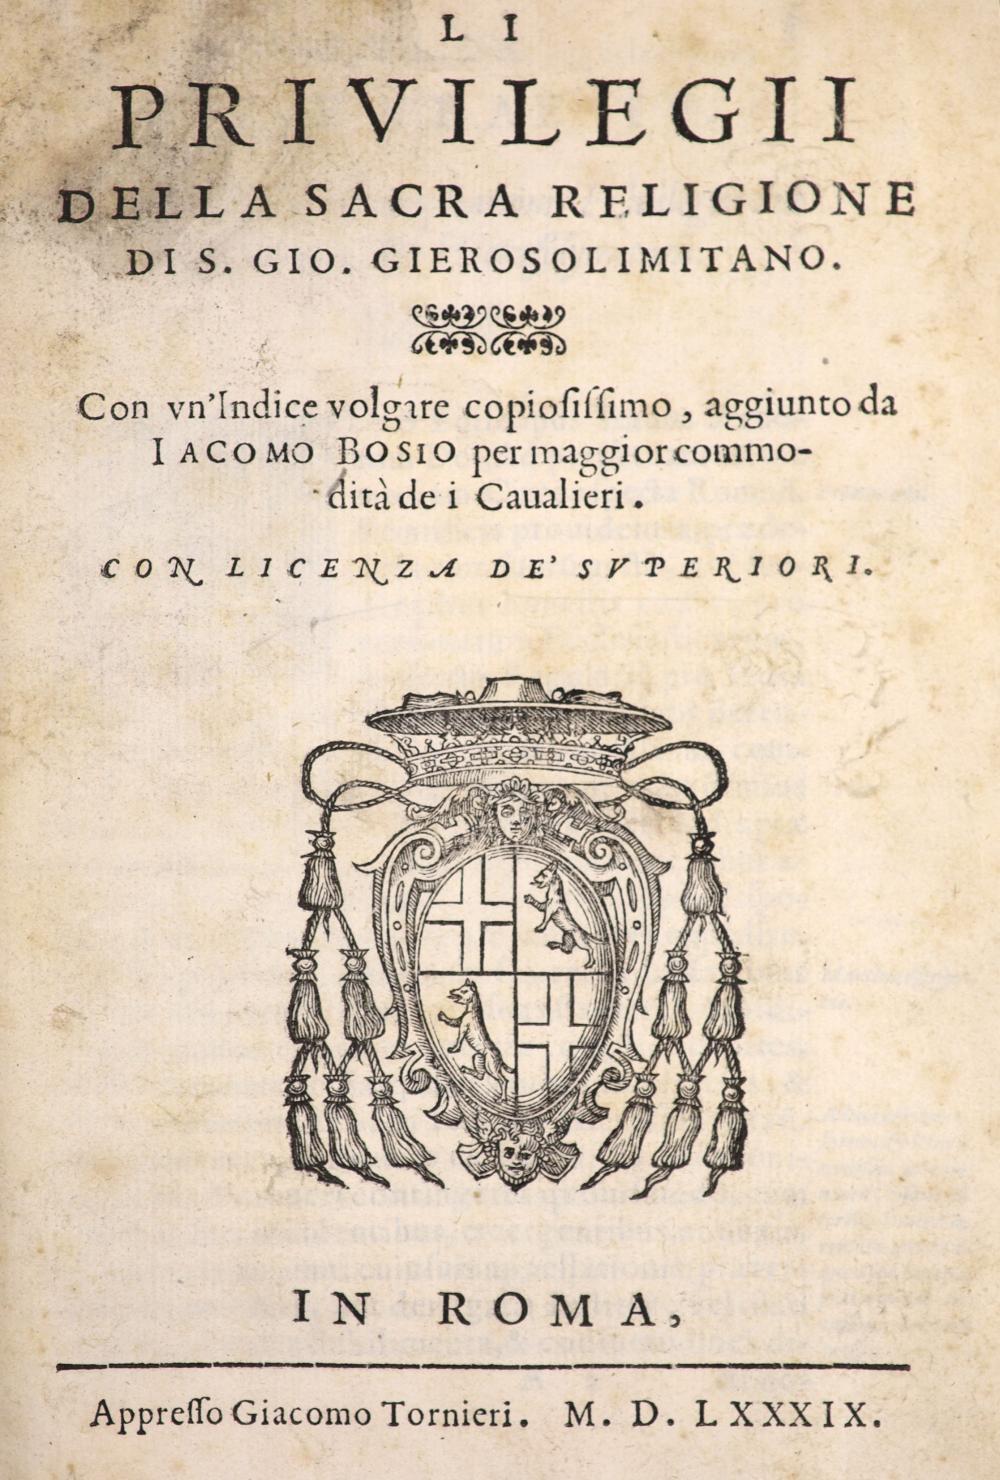 Bosio , Giacomo. Li Privileggi della Sacra Religione di S. Gio Giersolimitano ...